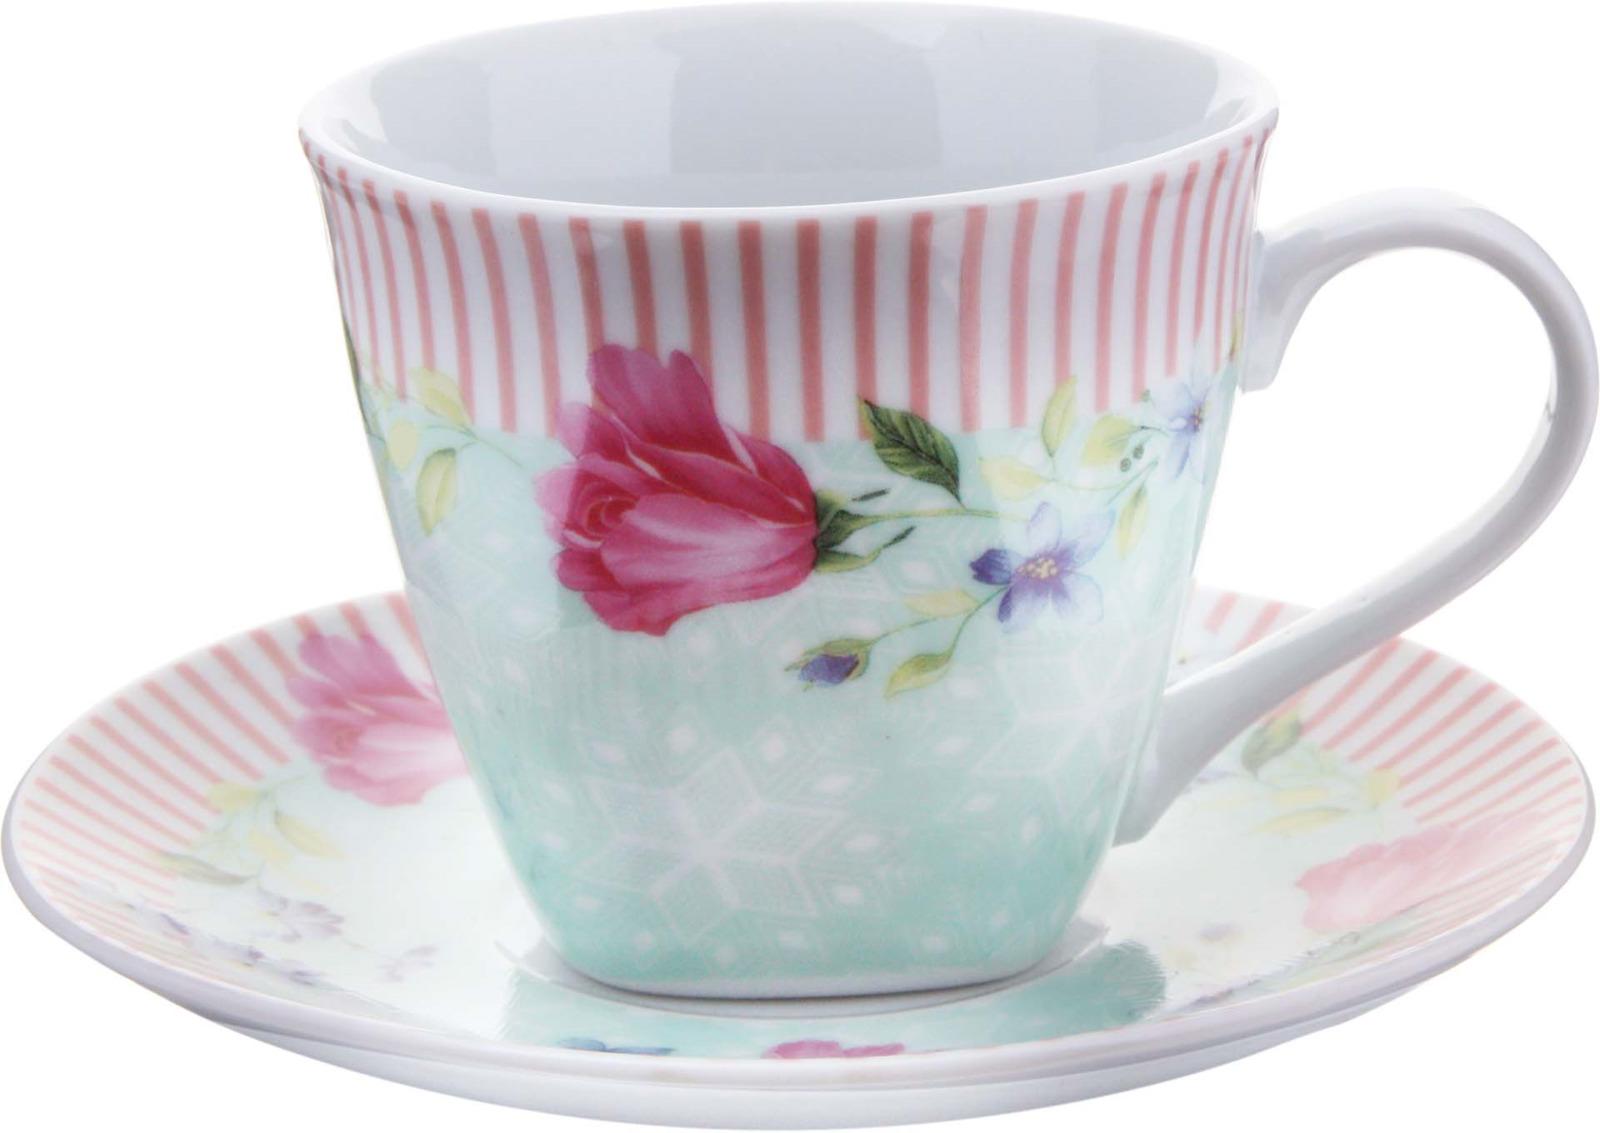 Чайная пара Loraine, цвет: белый, розовый, 2 предмета. у4178 чайная пара loraine 220 мл с узором